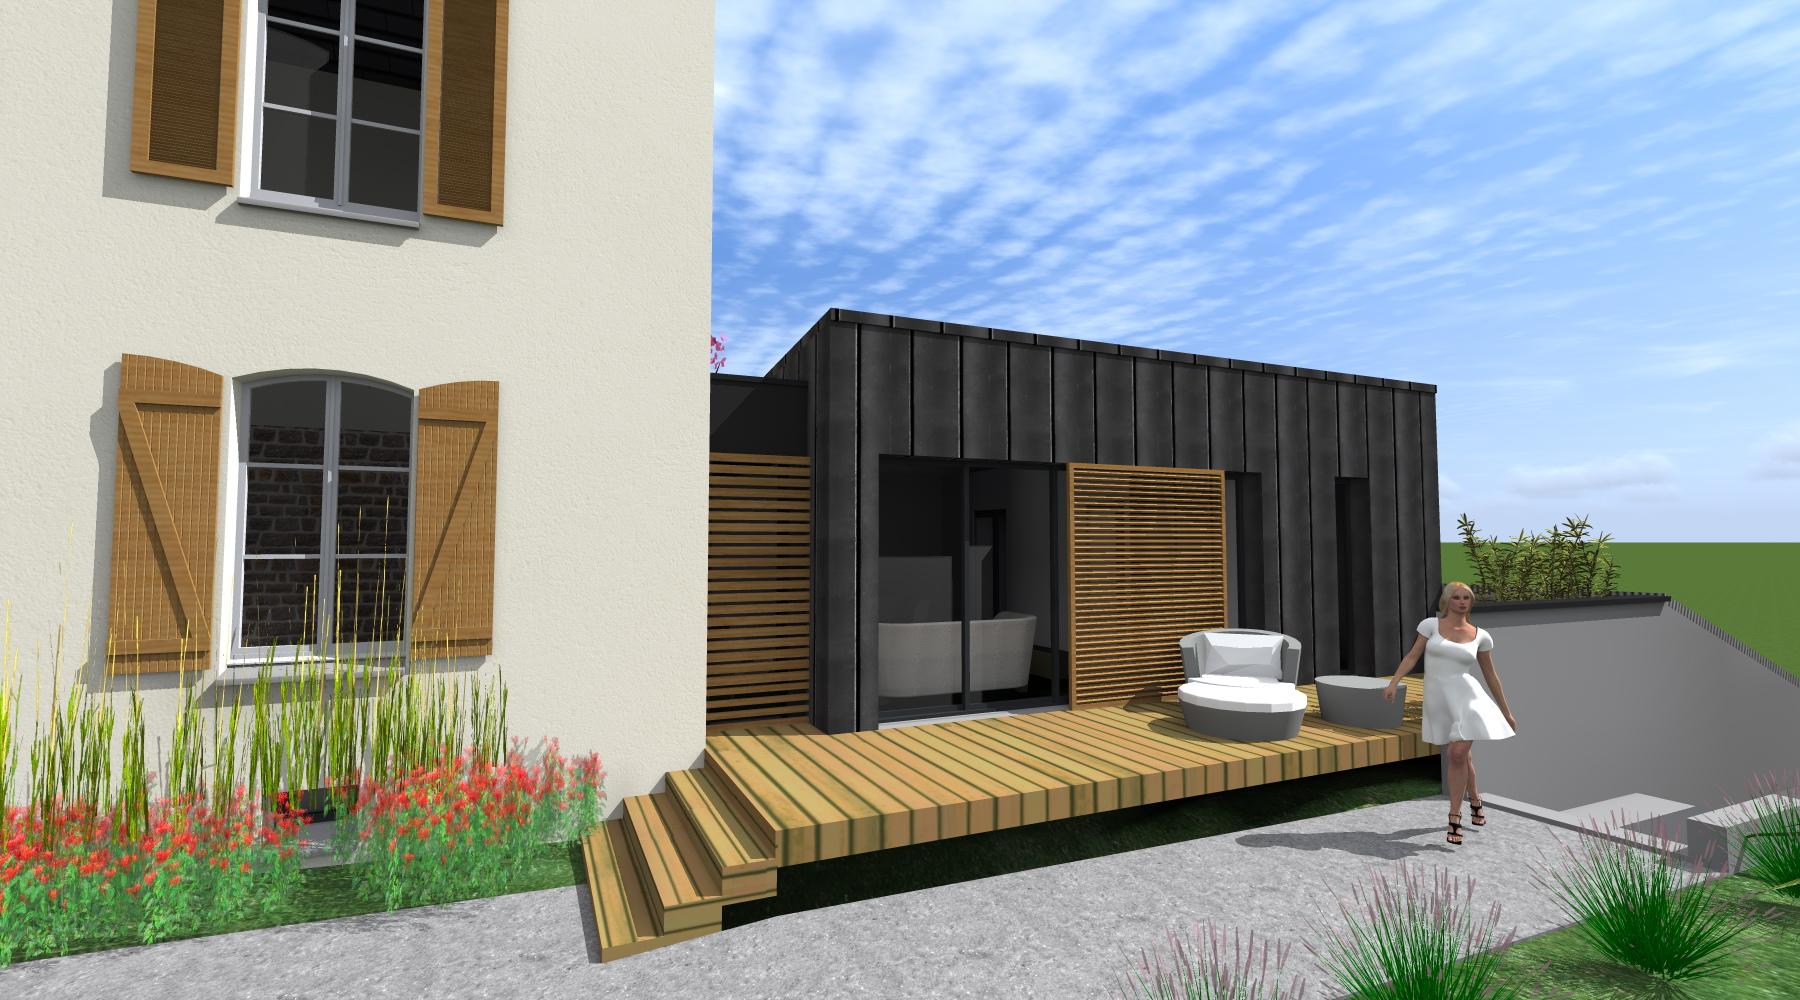 Projet l l 1 2 vue architecte lise roturier rennes for Architecte des batiments de france versailles